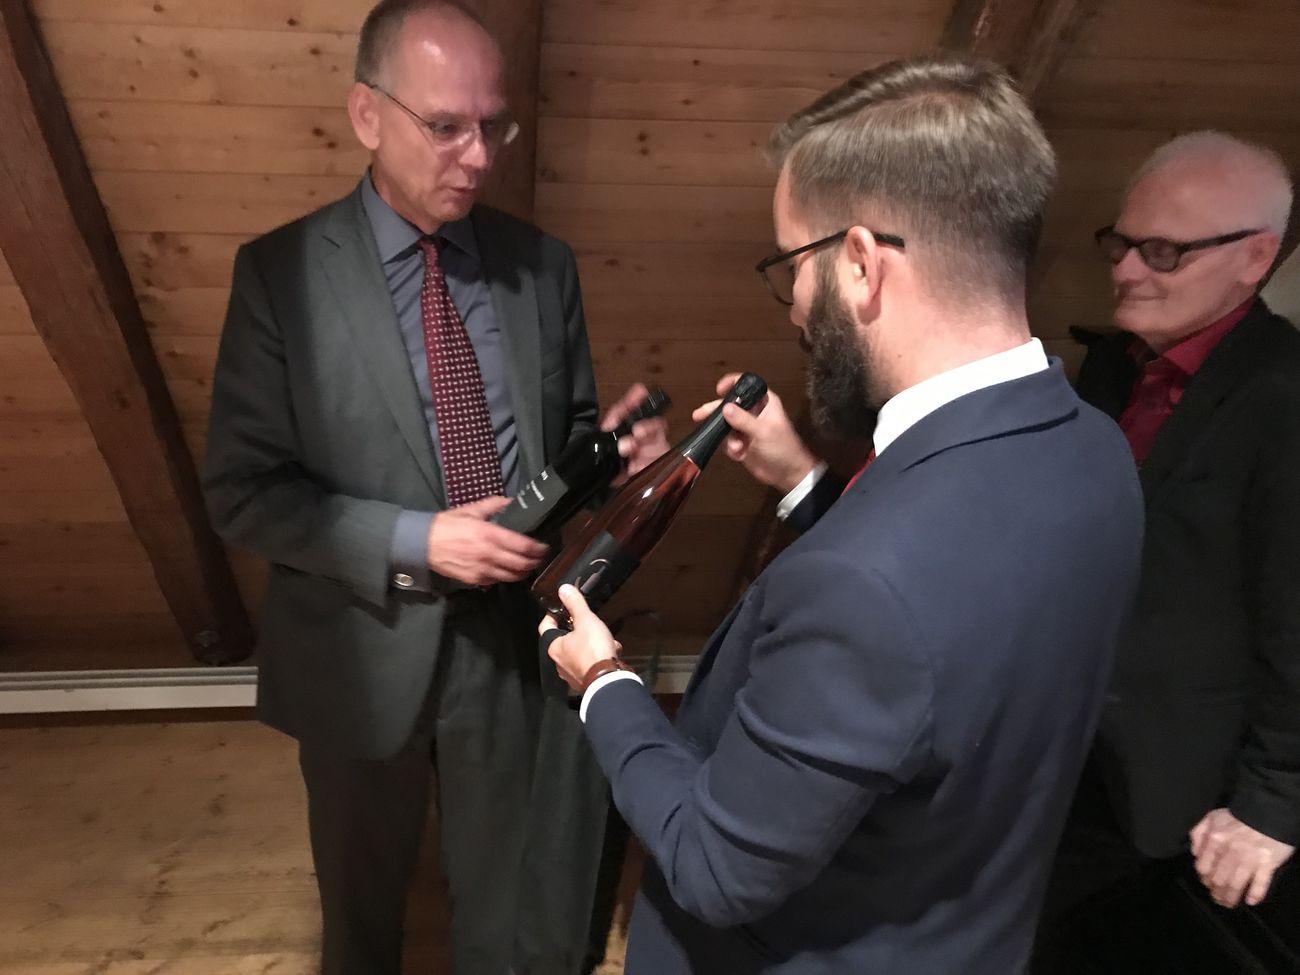 SPD- Vorsitzender Singer bedankt sich bei Prof. Martin mit Degerlocher Wein